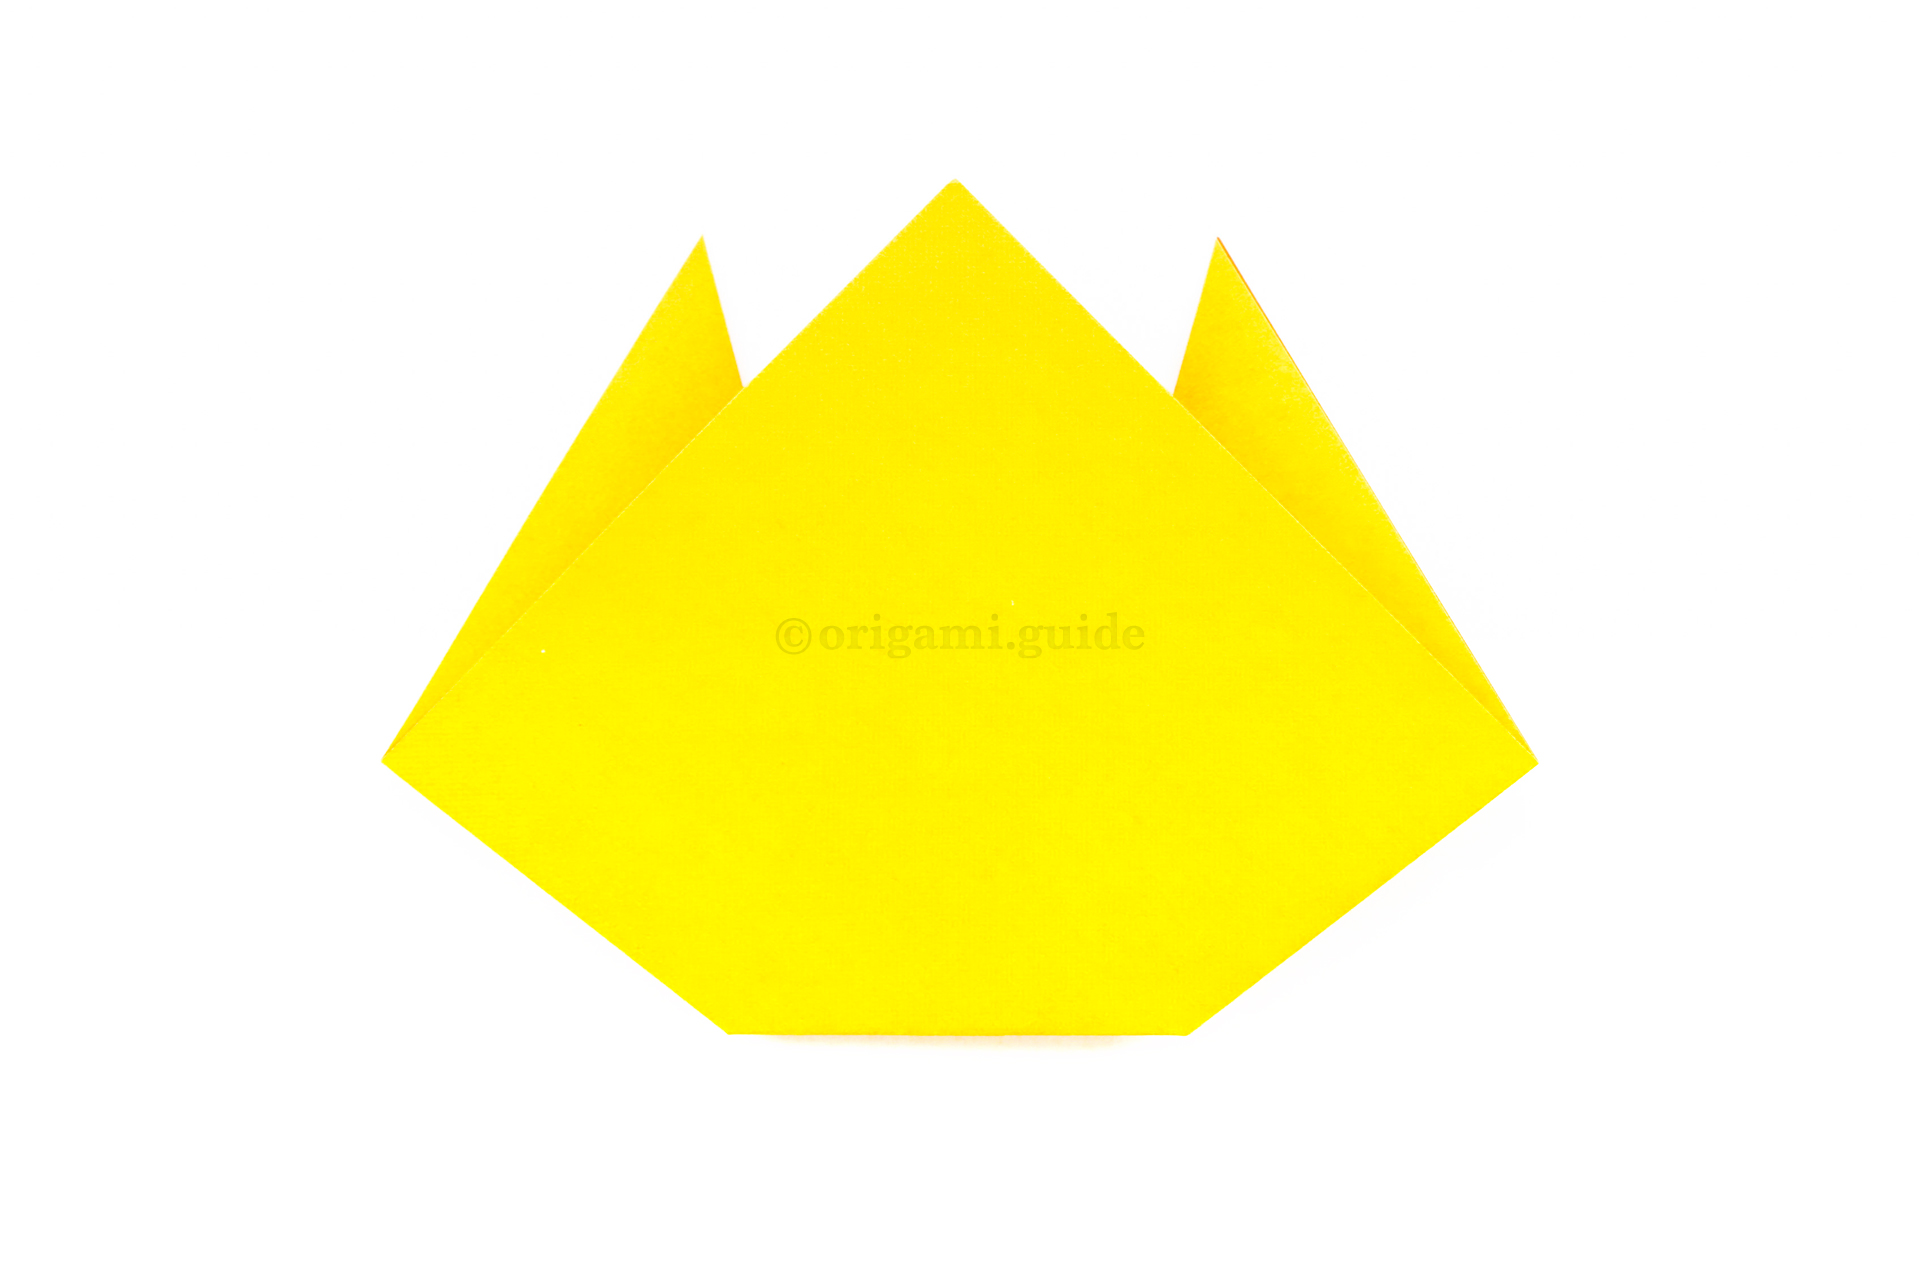 How to make origami cat | revidevi.wordpress.com | 1280x1920